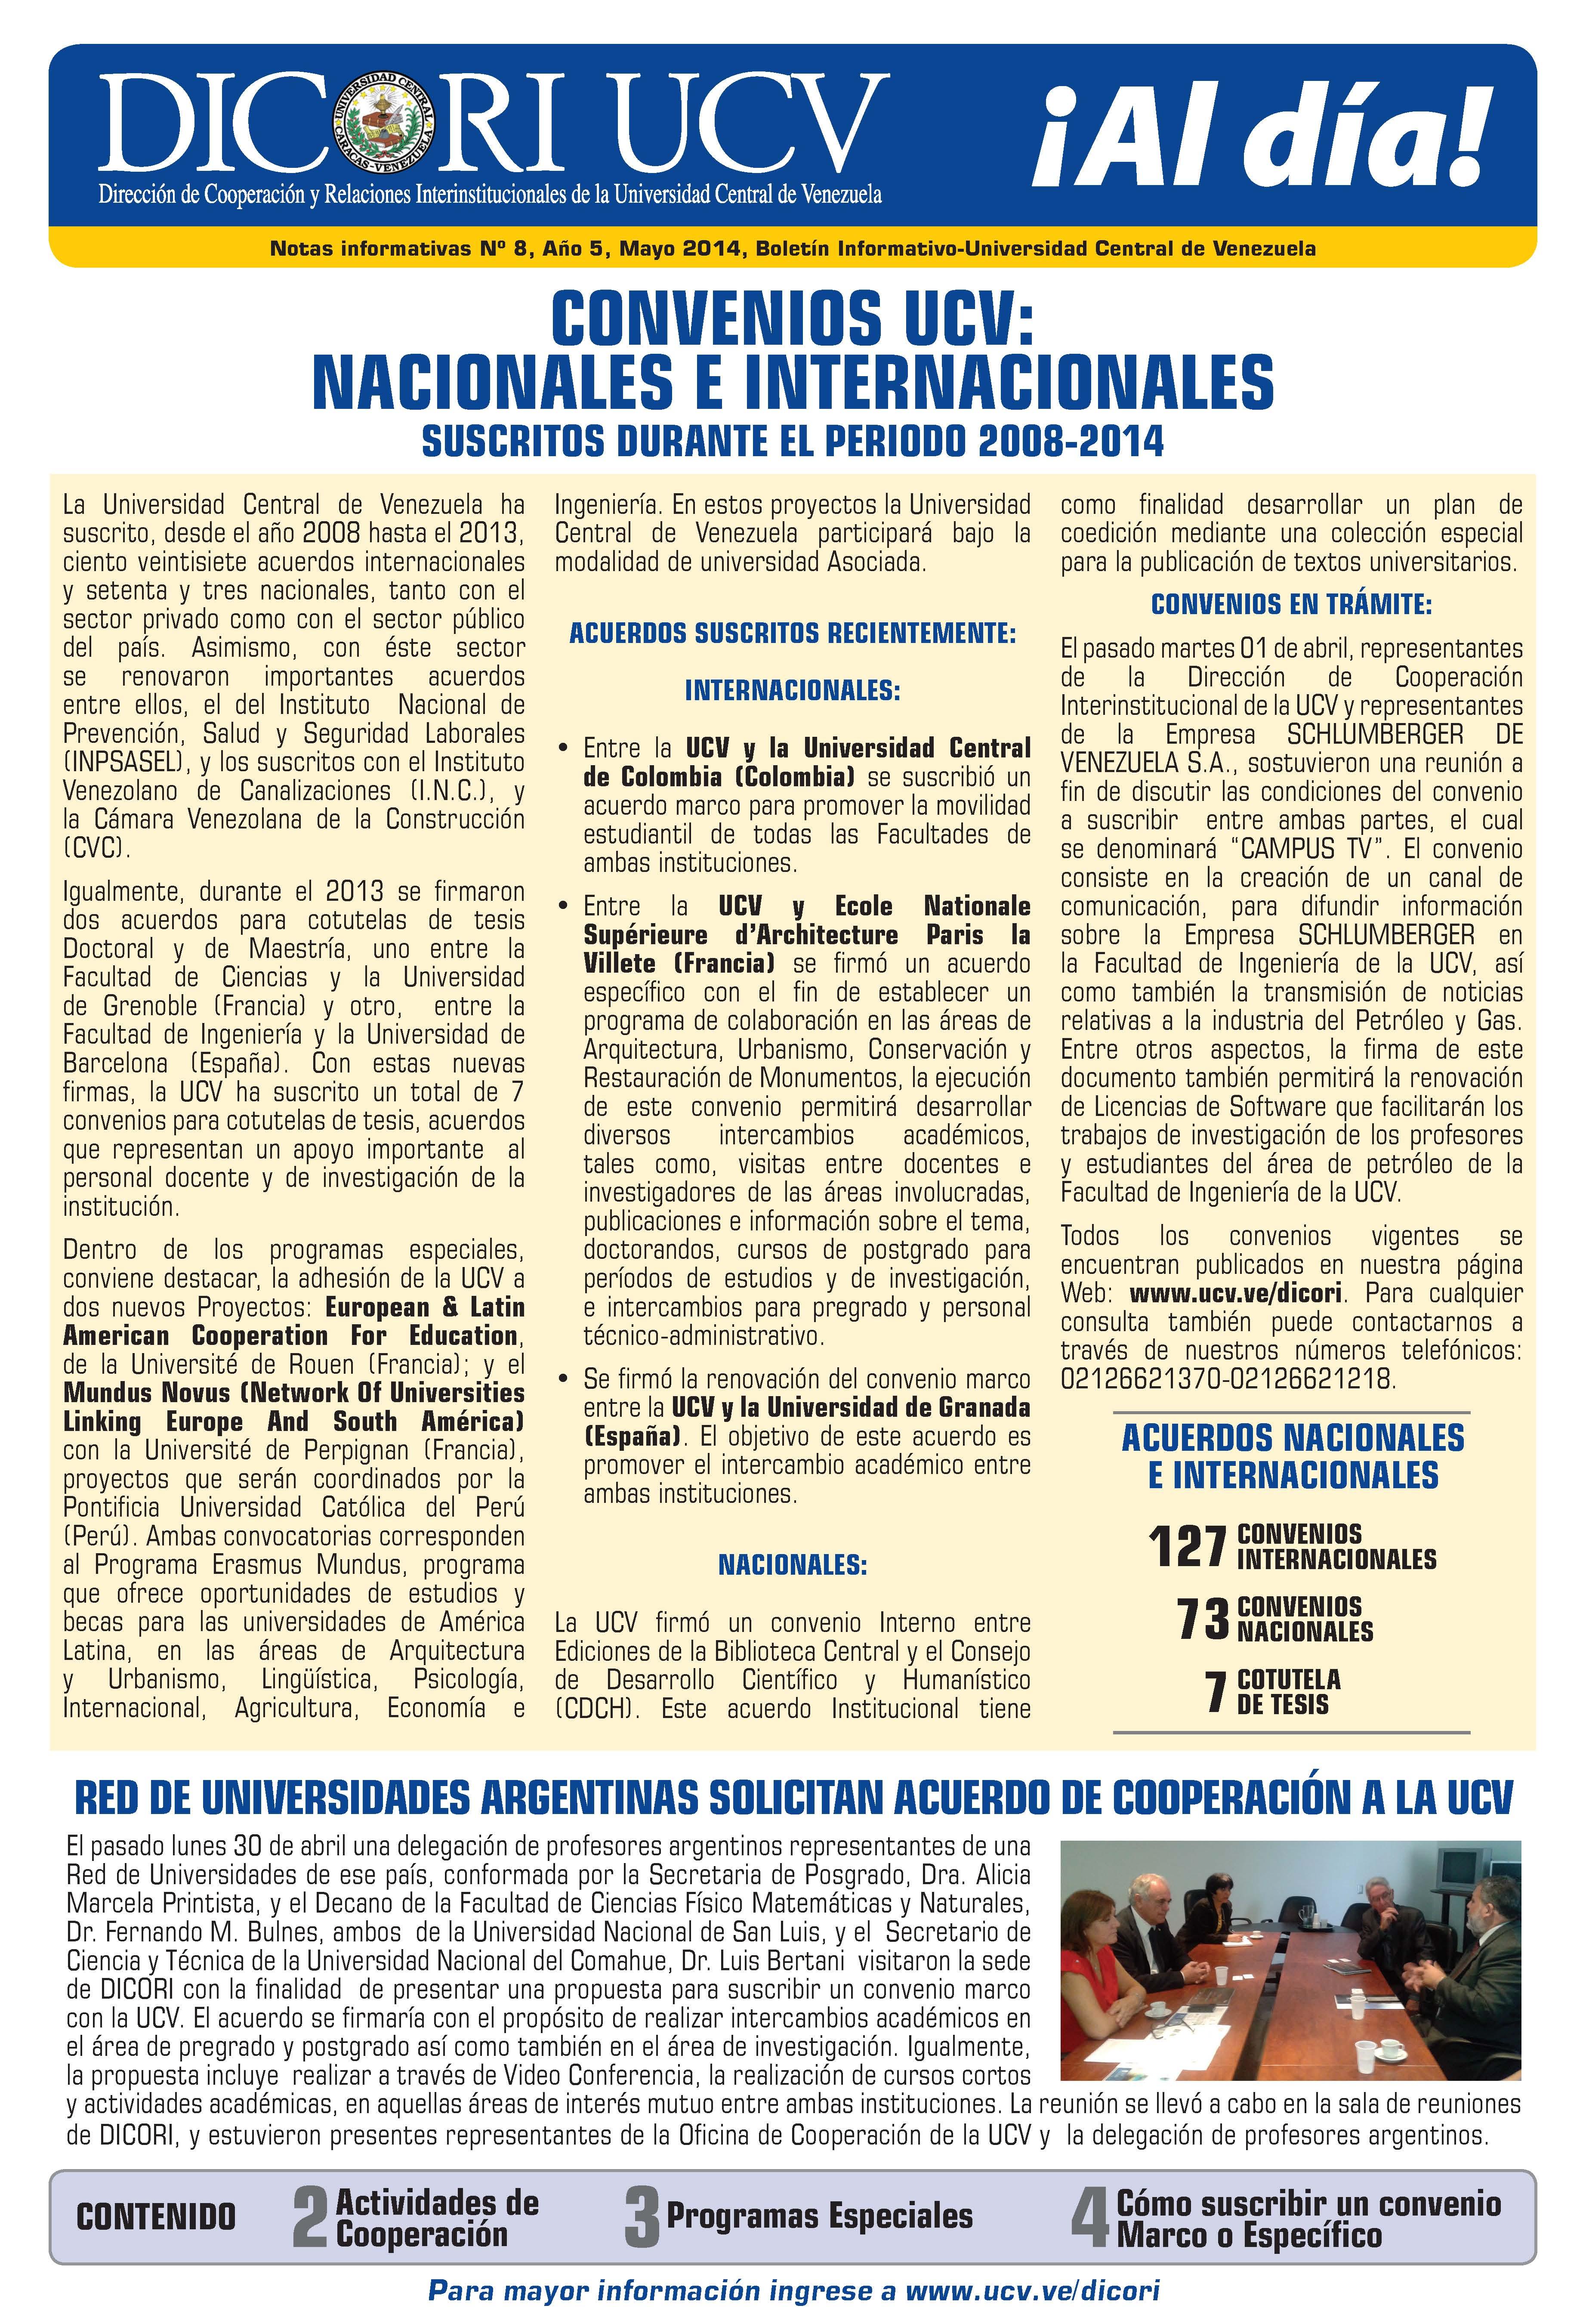 Boletin Mayo 2014